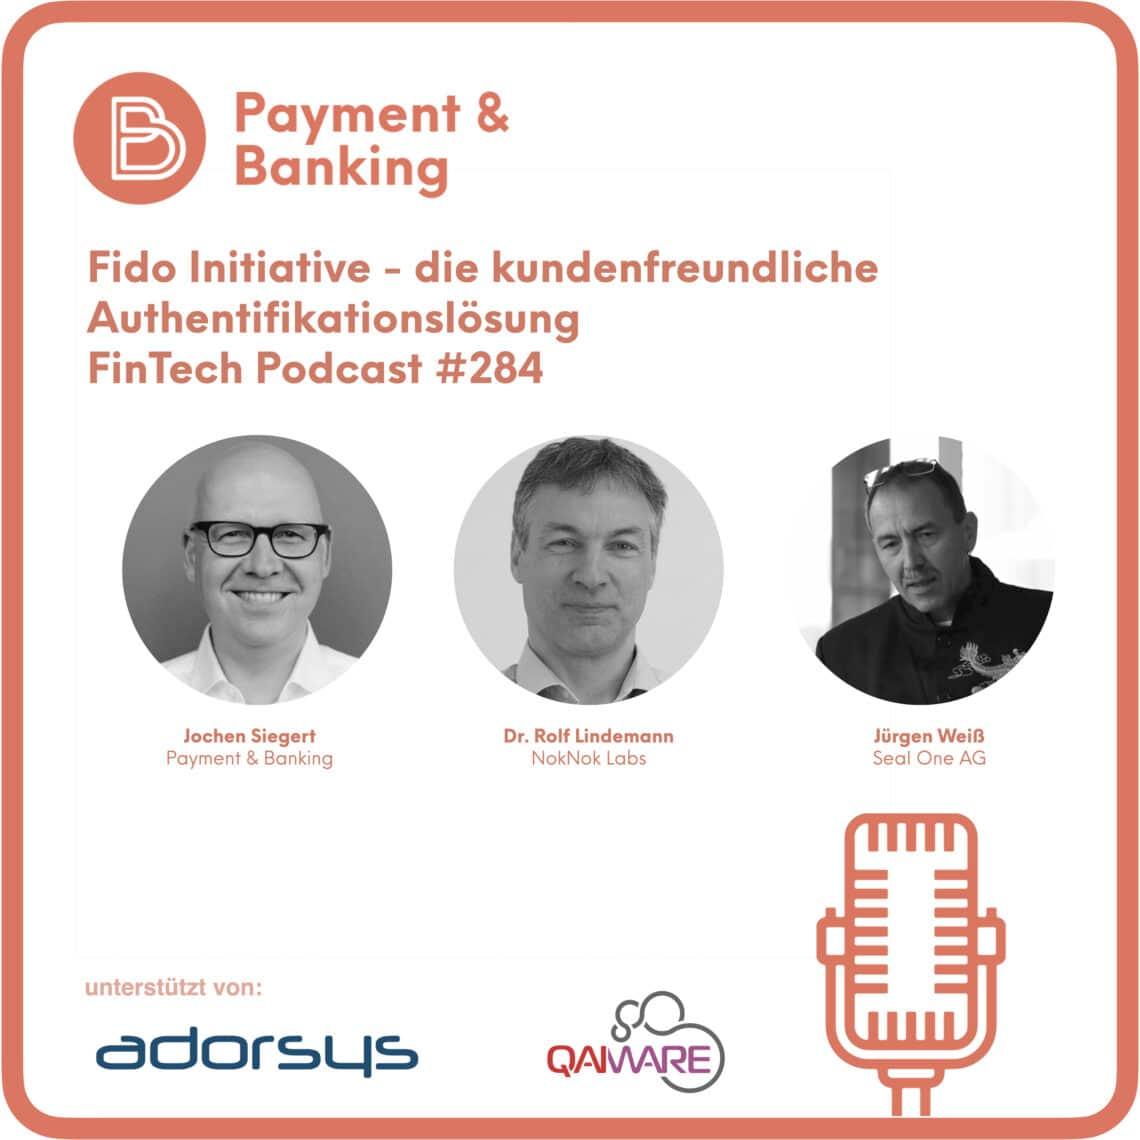 Fido Initiative - die kundenfreundliche Authentifikationslösung - FinTech Podcast #284